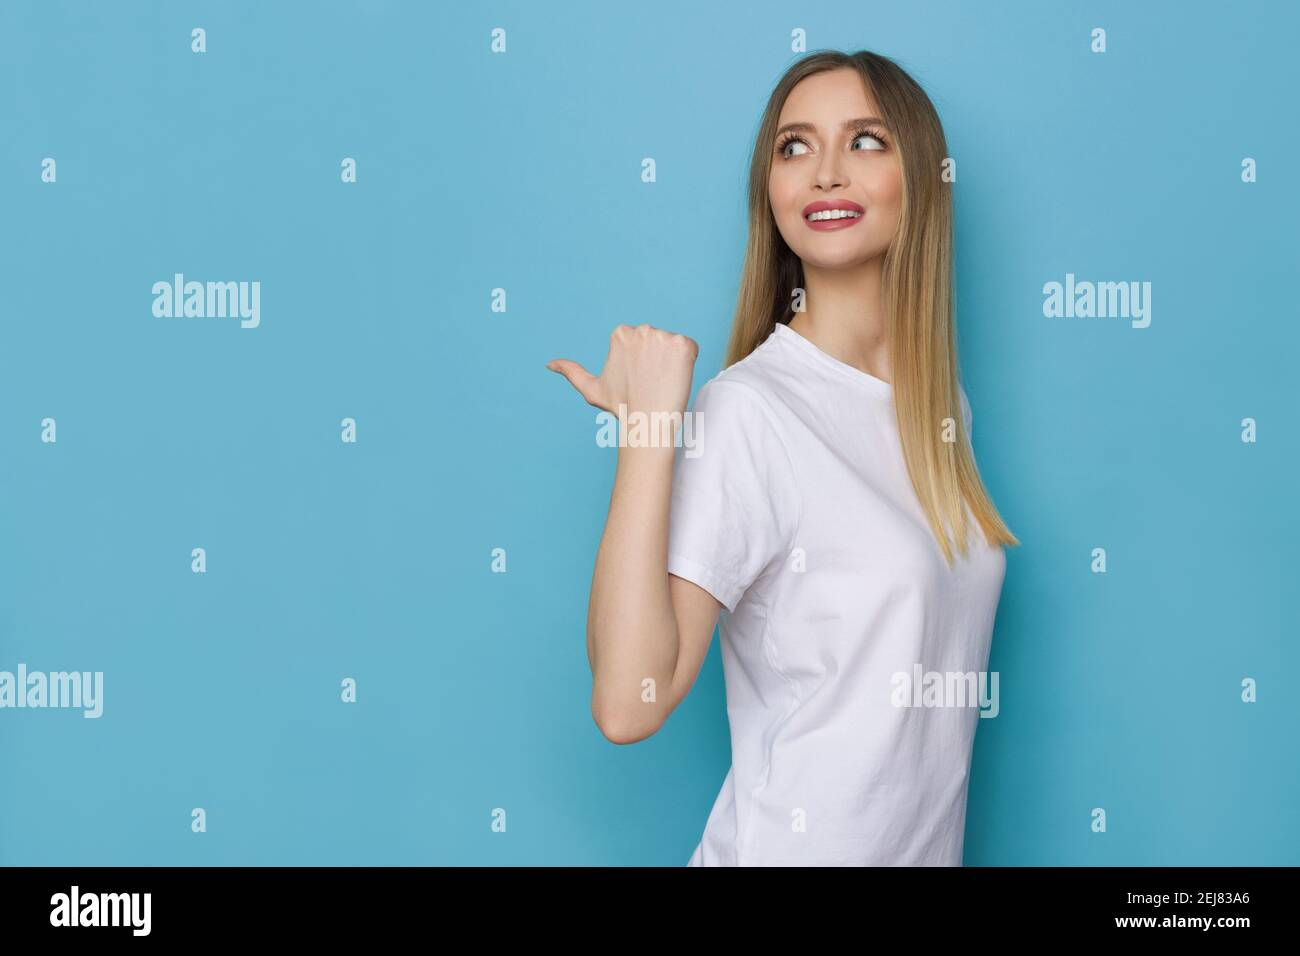 Sonriente mujer joven en camisa blanca está apuntando detrás de sí misma con el pulgar y mirando lejos. Vista lateral. Estudio de cintura arriba sobre fondo azul. Foto de stock